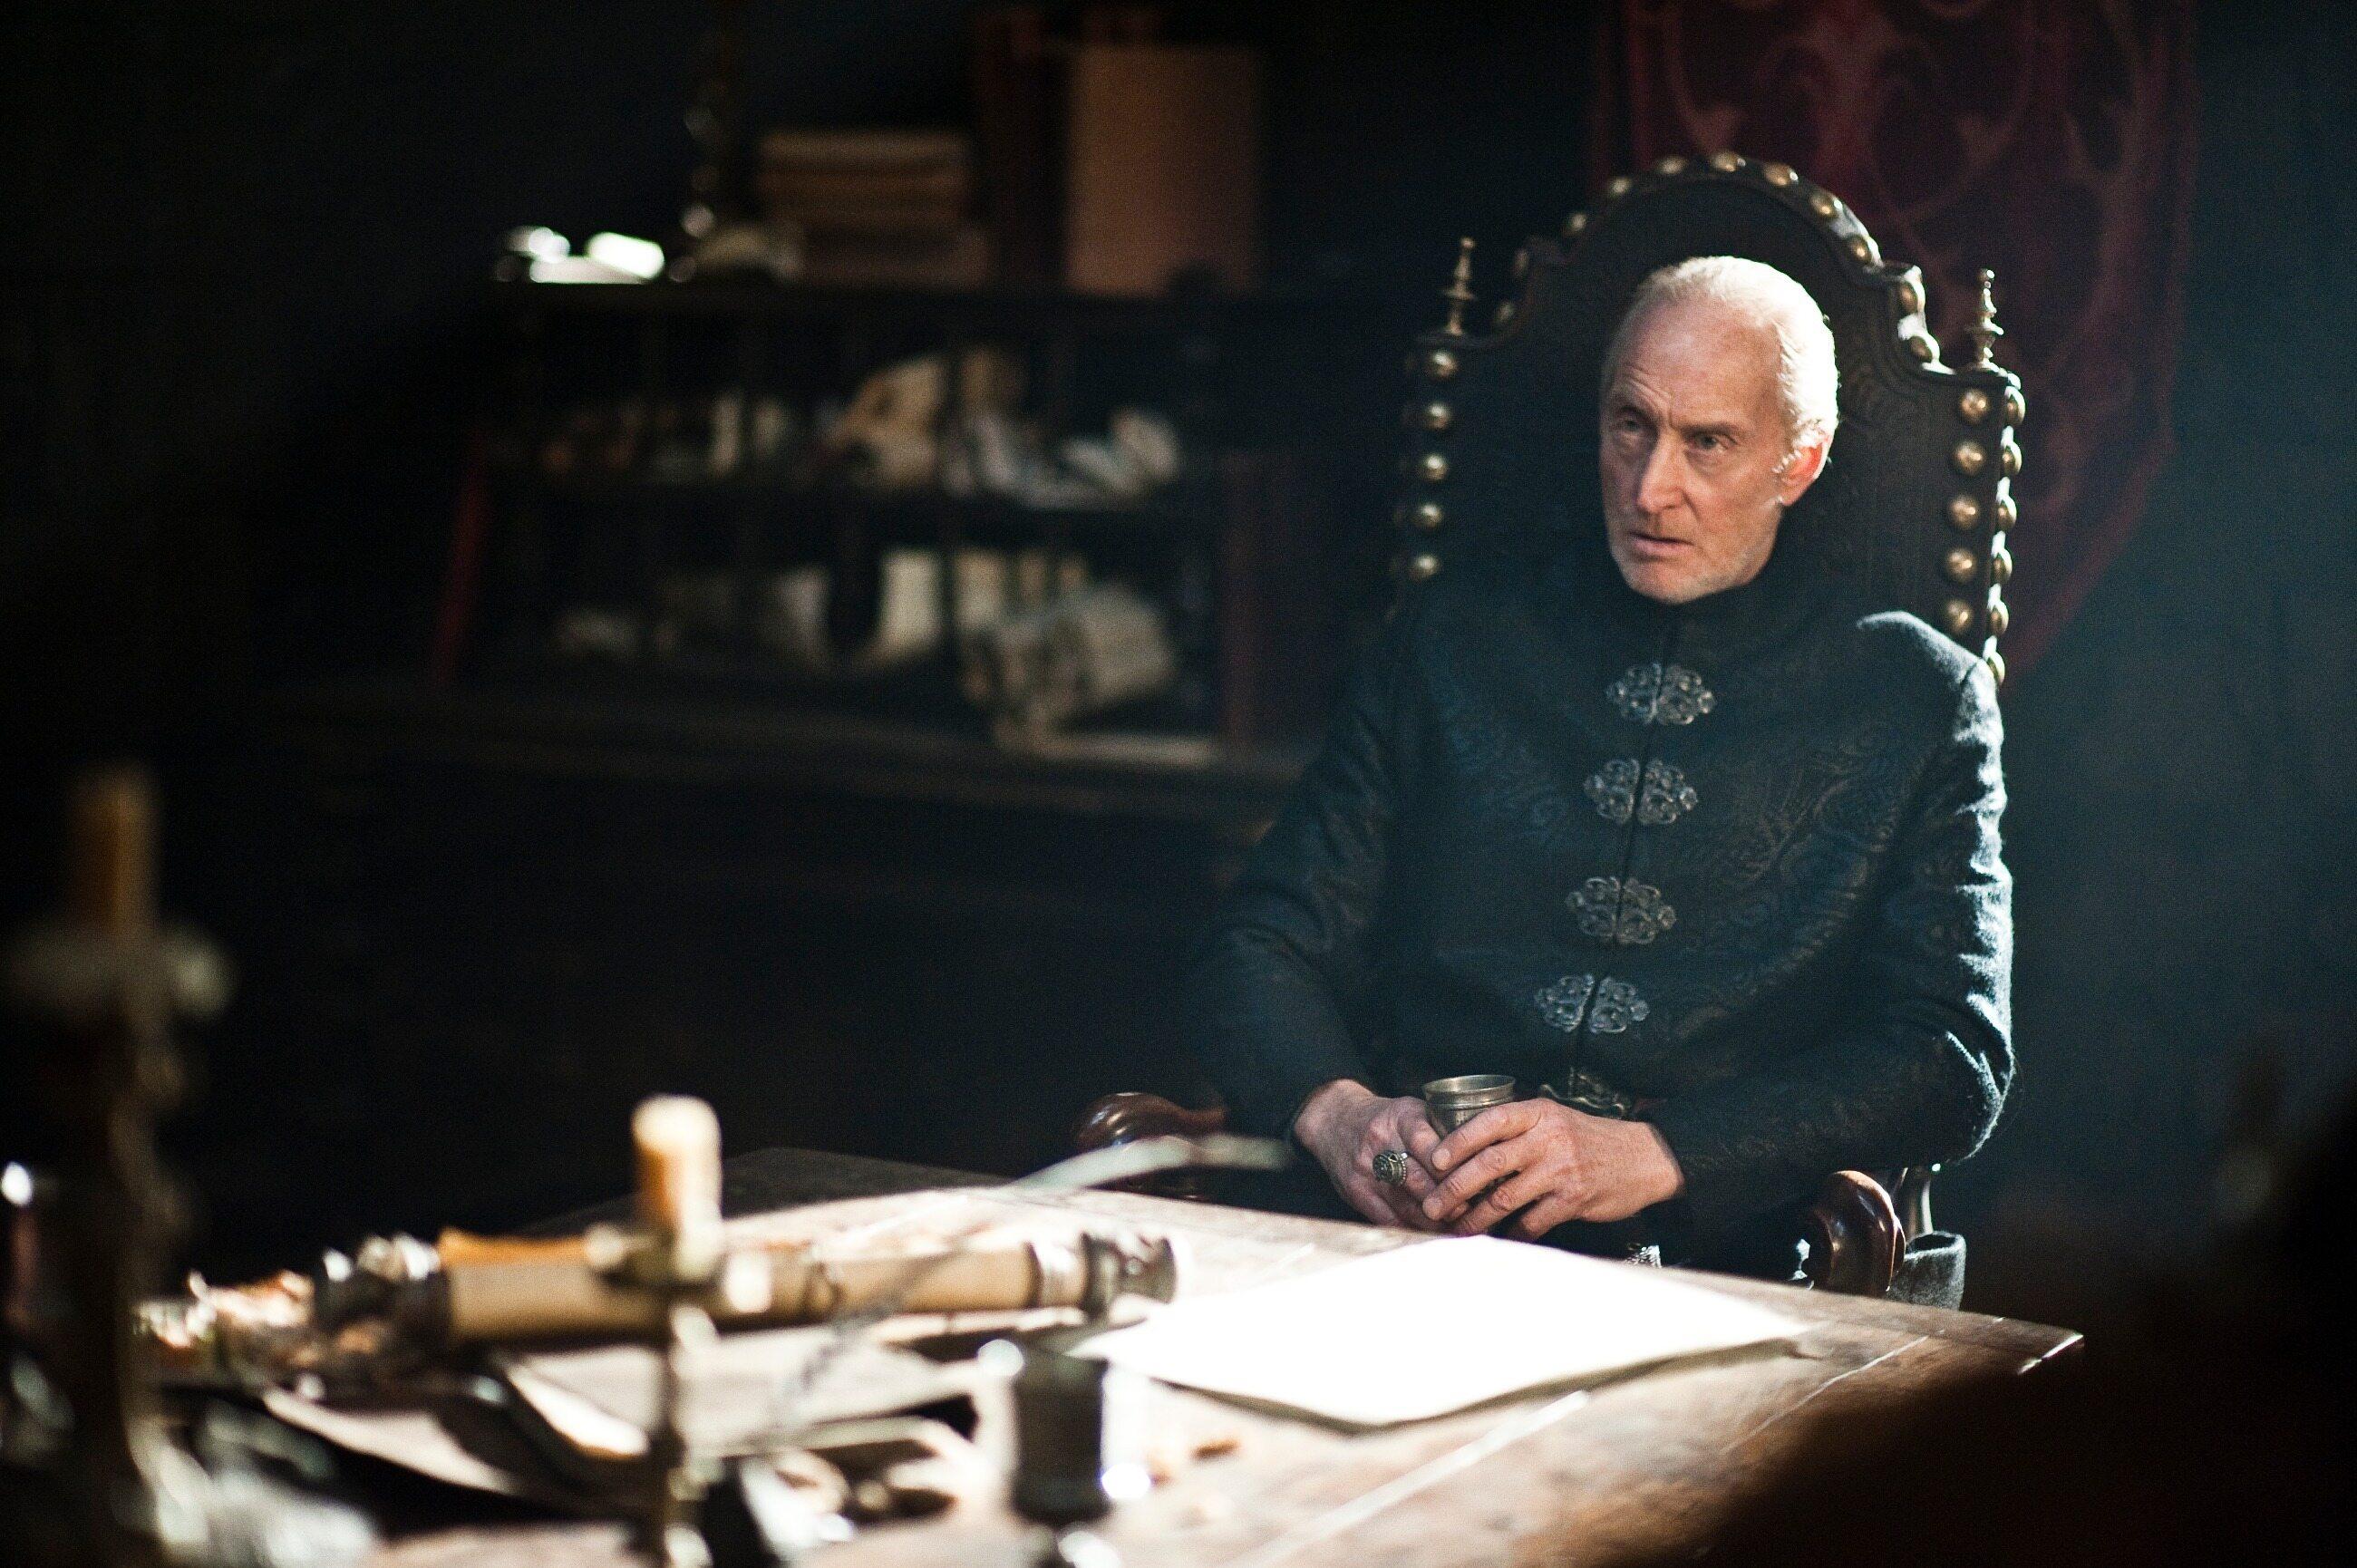 """""""Uważasz, że szlachetniej jest zabić dziesięć tysięcy ludzi podczas bitwy, niż tuzin podczas kolacji?"""" - tak powiedział:"""